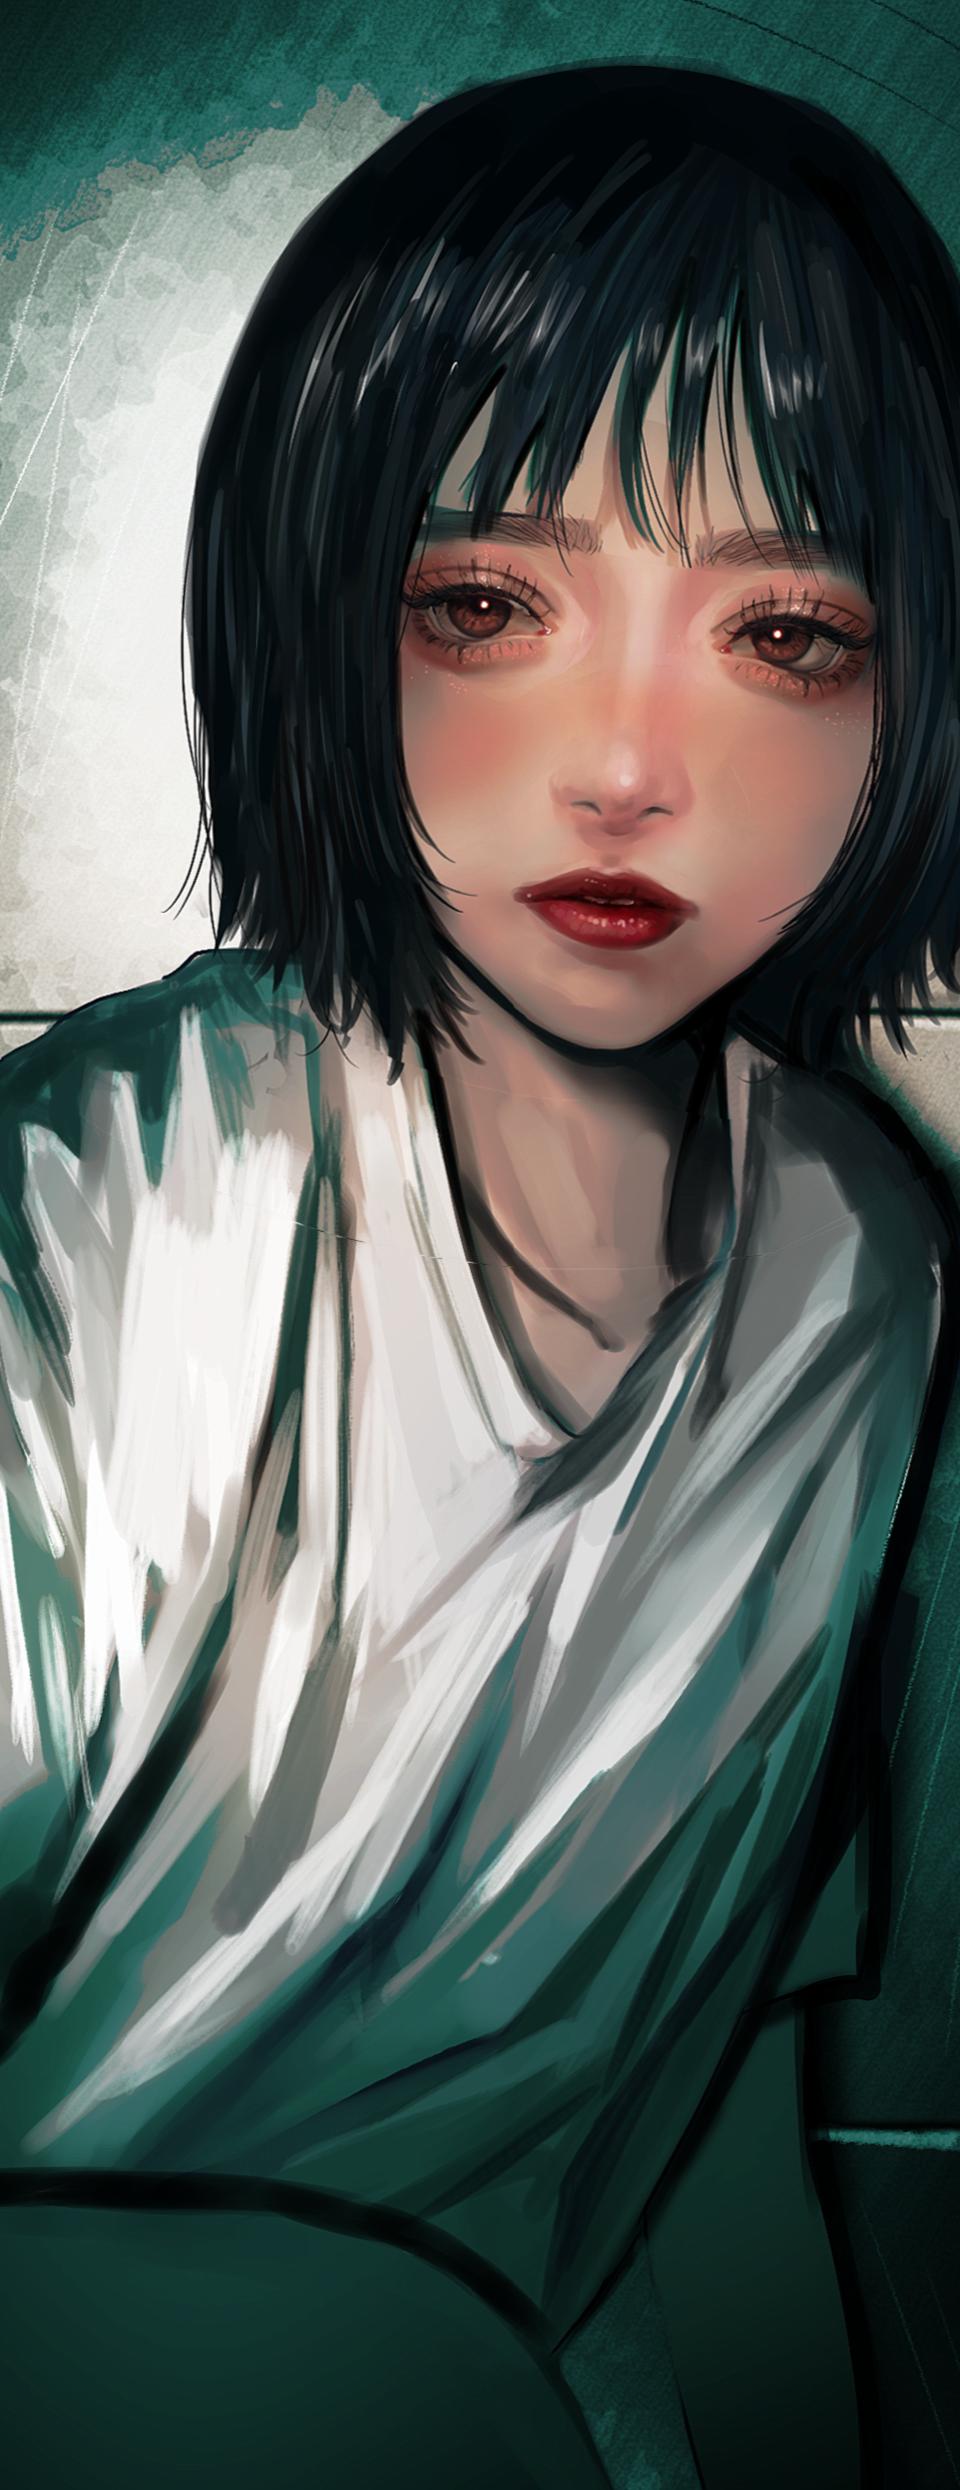 2:04 Illust of logA original girl impasto